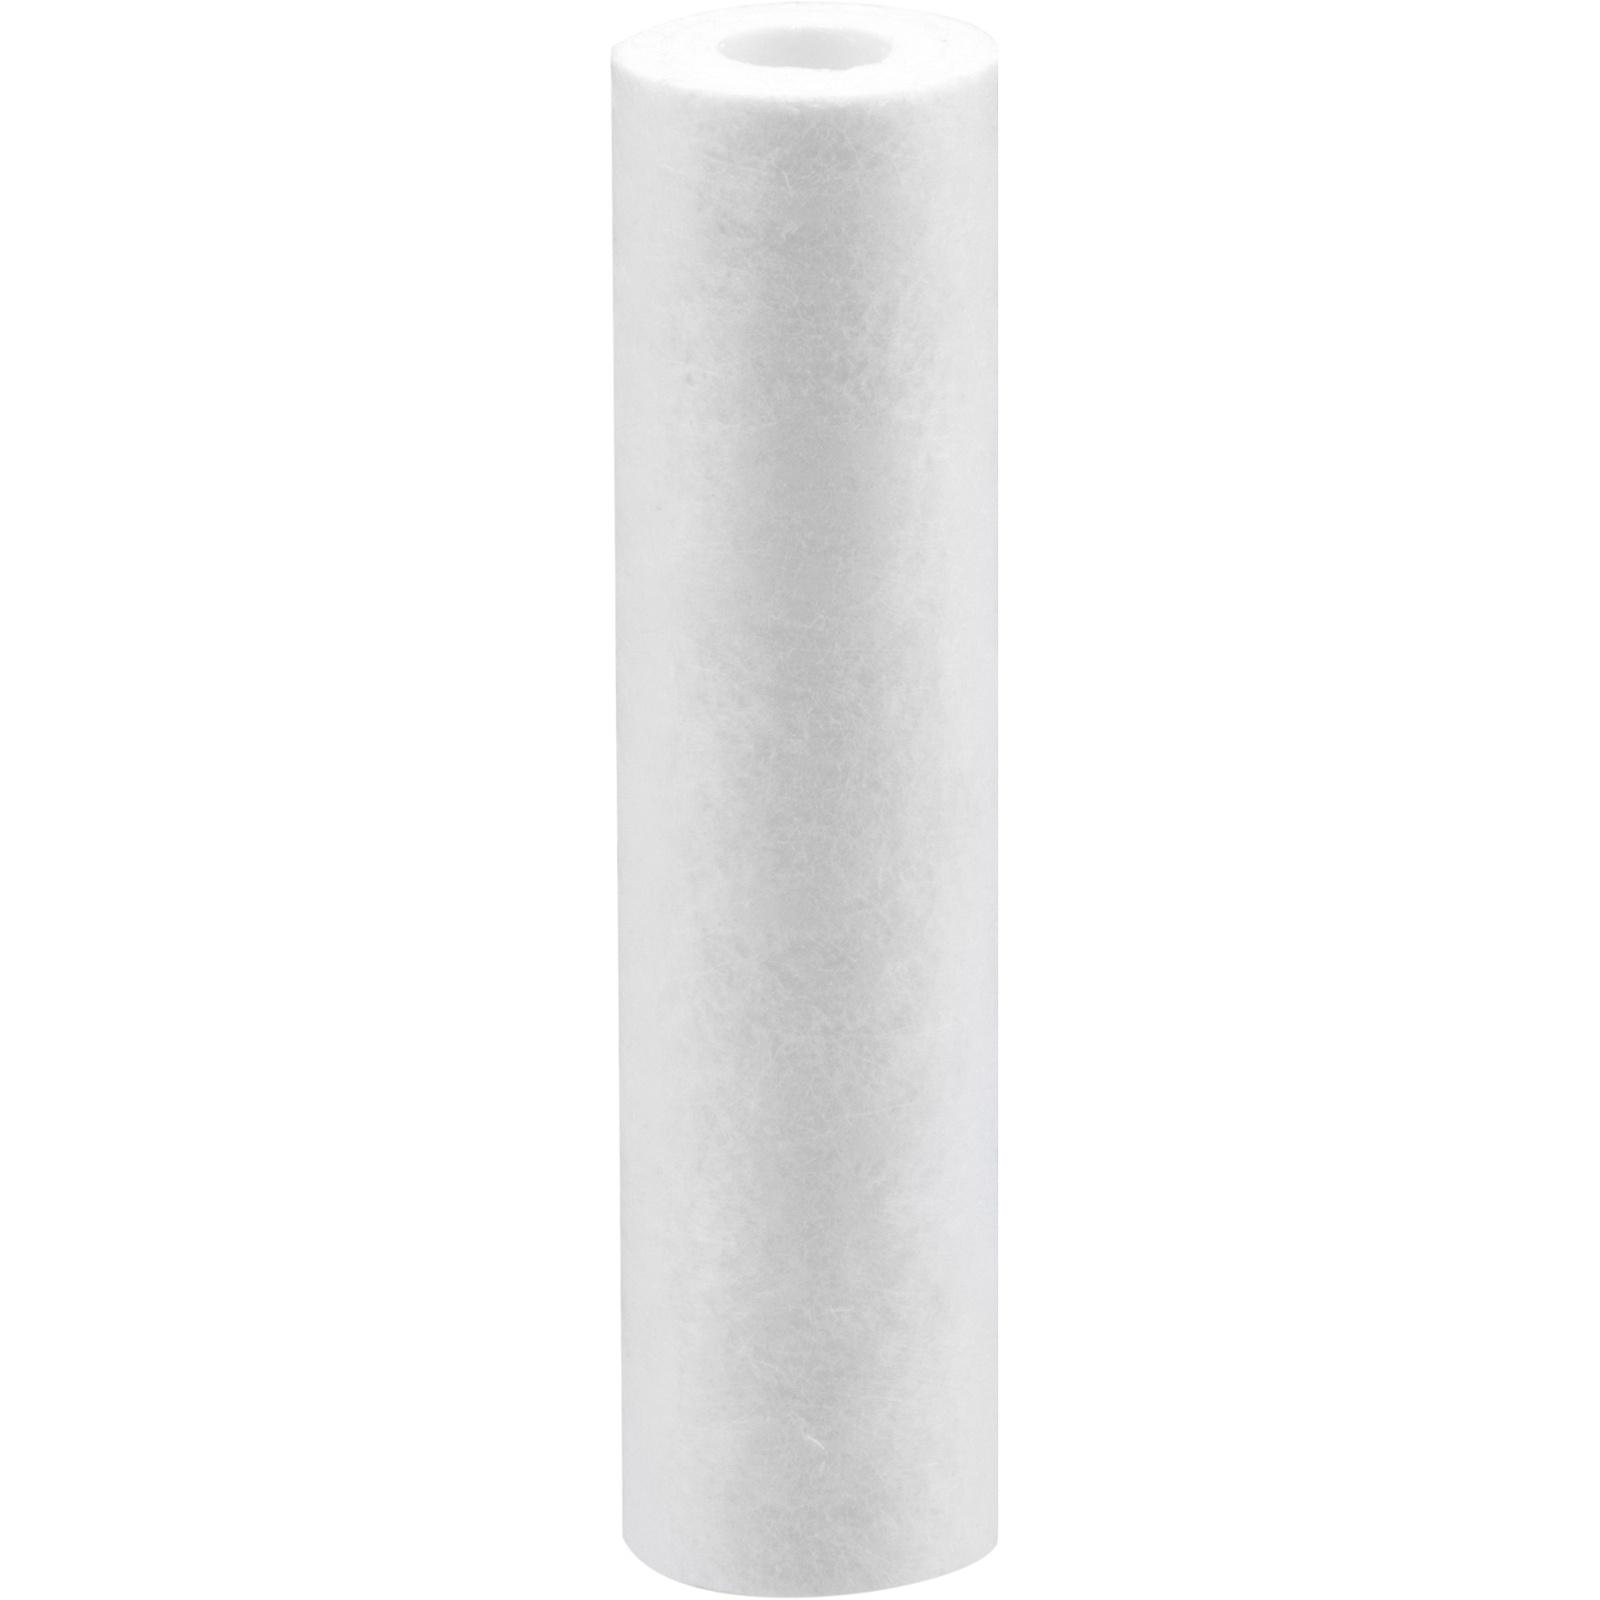 Картридж для холодной воды из вспененного полипропилена 10SL - 5 мкм, АКВА ПРО 499